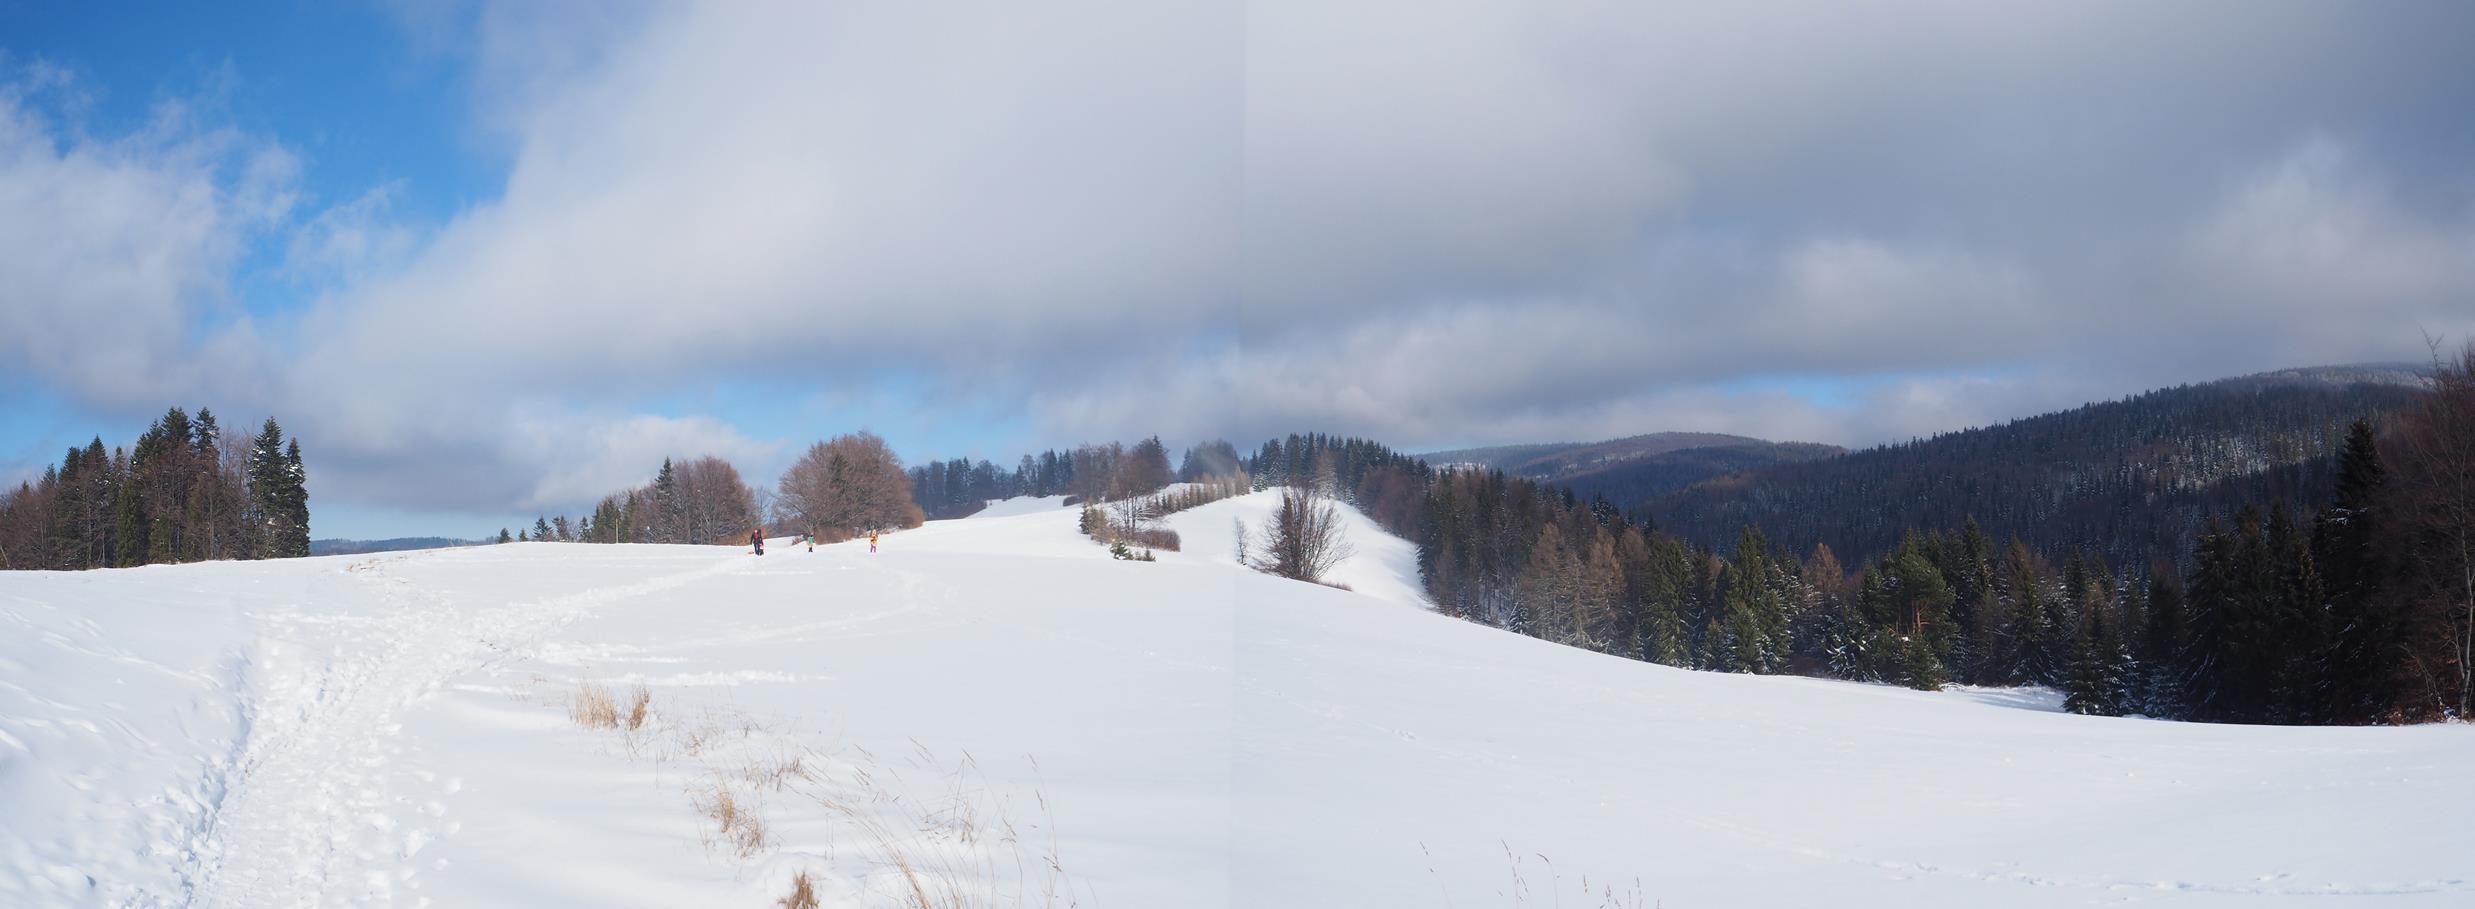 Długie Młaki zimą - raj dla narciarzy biegowych.